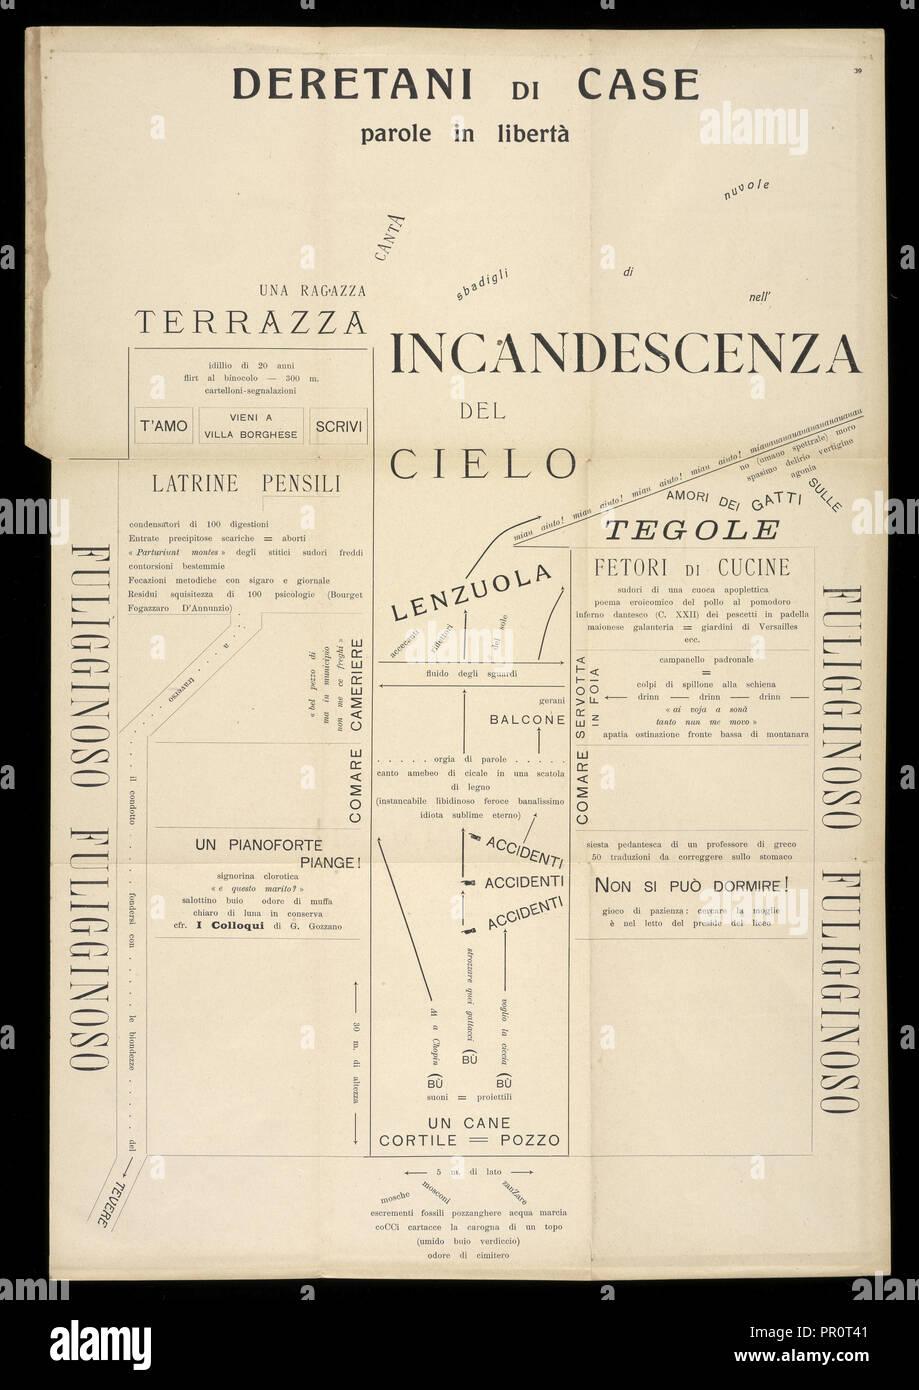 Backsides of Houses, Archi voltaici: parole in libertà e sintesi teatrali, Fani Ciotti, Vincenzo, 1888-1927, Relief print, 1916 - Stock Image